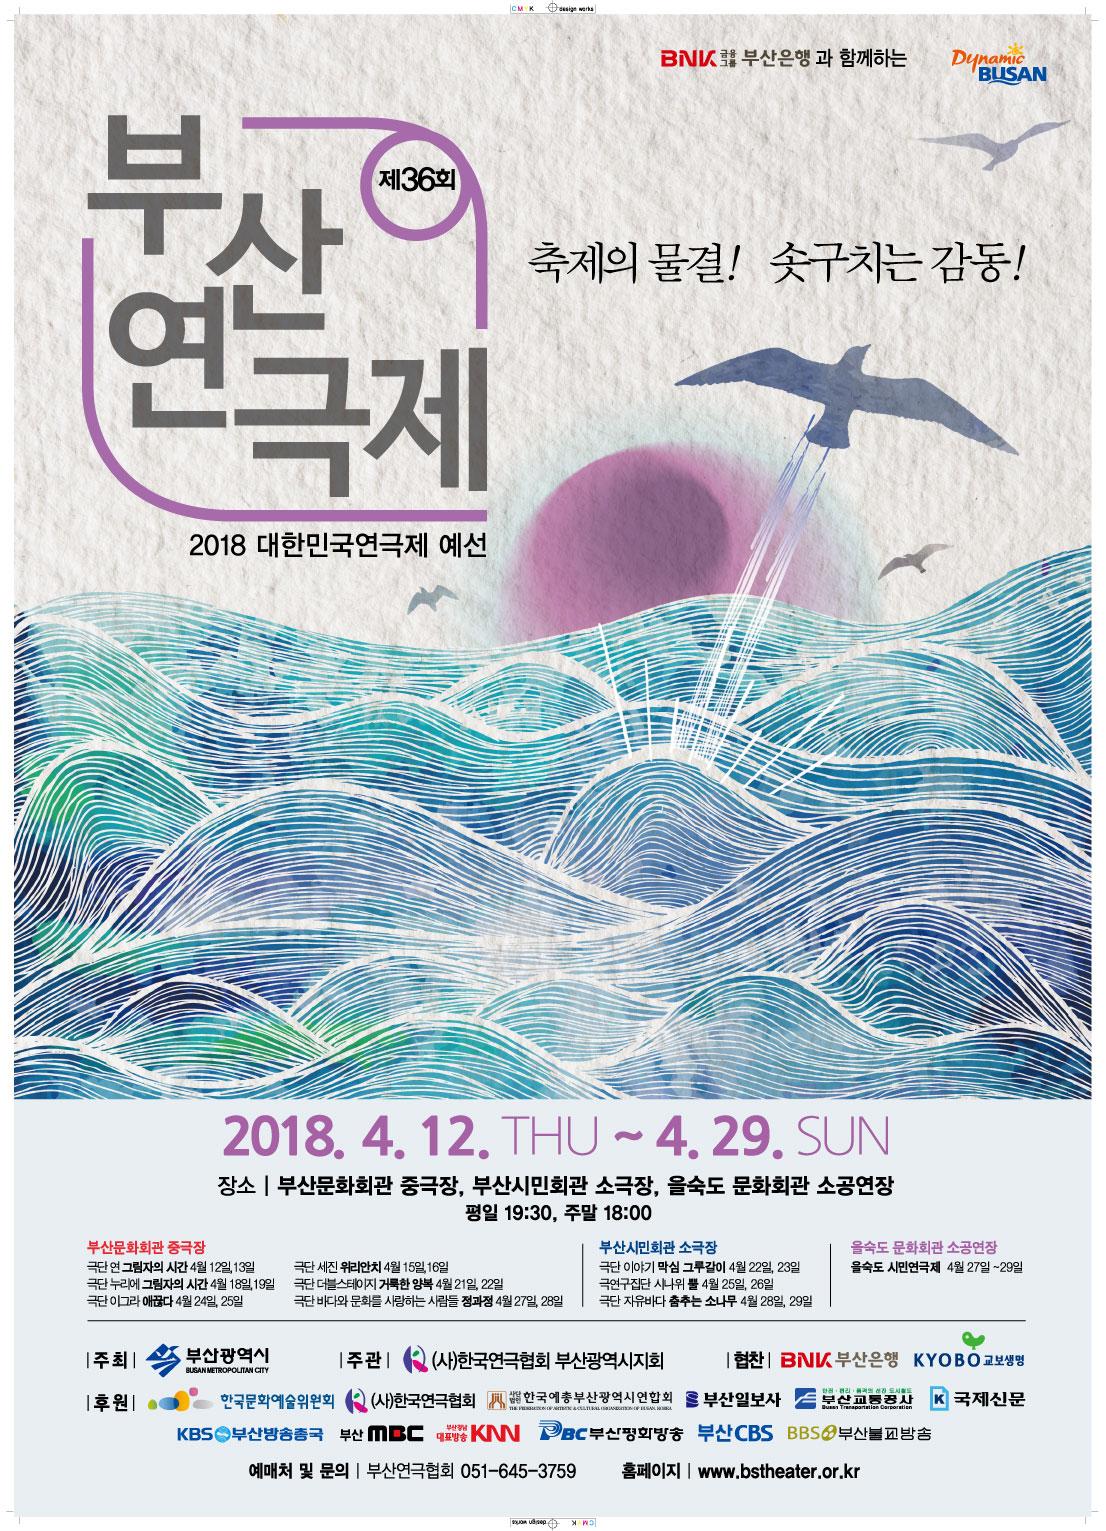 2018 제 36회 부산연극제